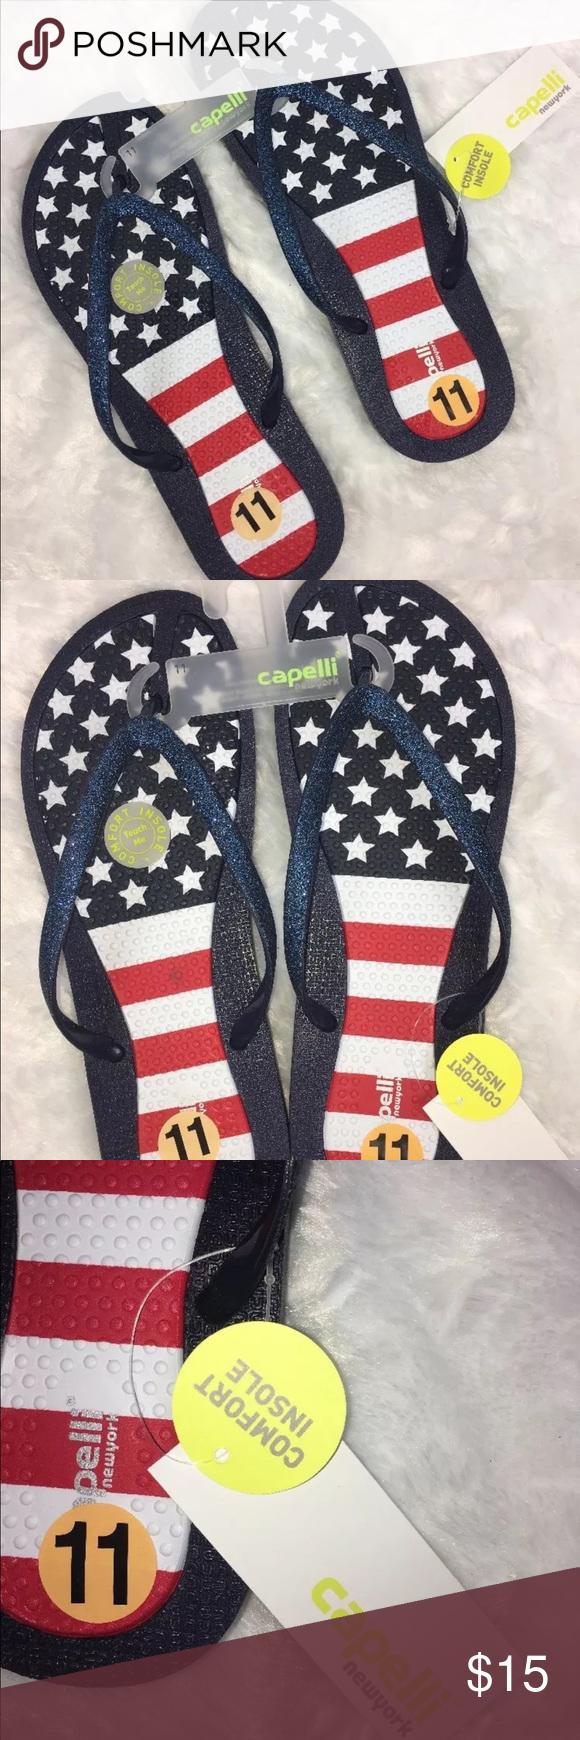 d9e1f2d2e NWT CAPPELLI American Flag Comfort Flip Flops NWT!! ~Capelli ~Women s Flip  Flops